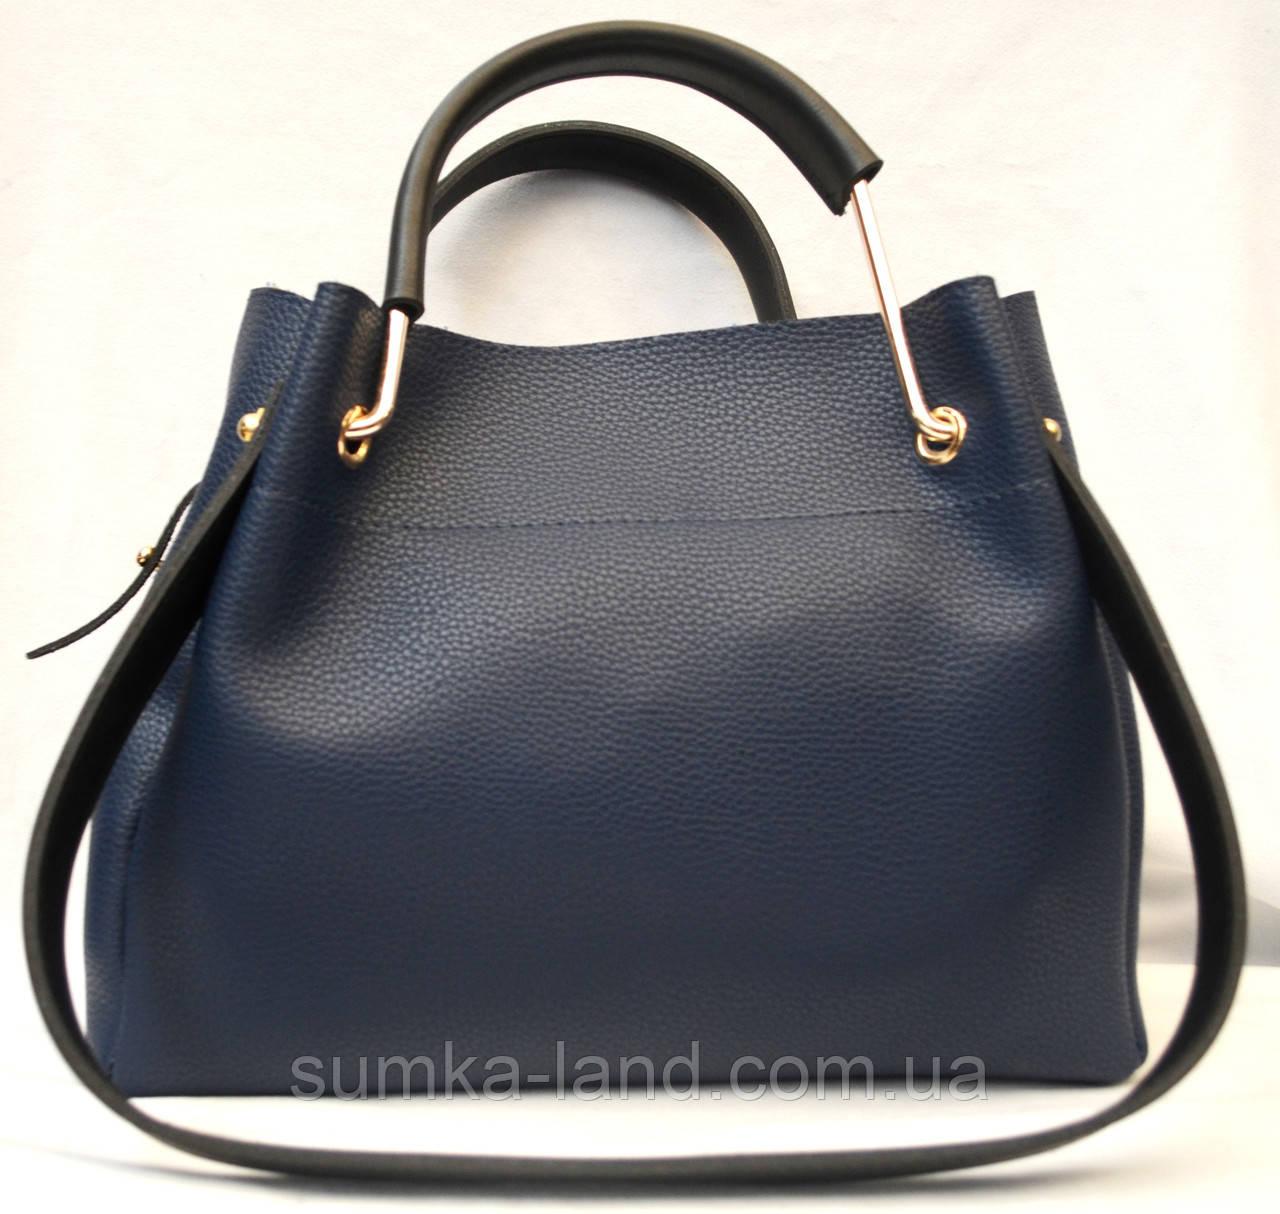 fd22c79226b8 Женская элитная сумка Michael Kors 28*26 (бородовый): продажа, цена ...